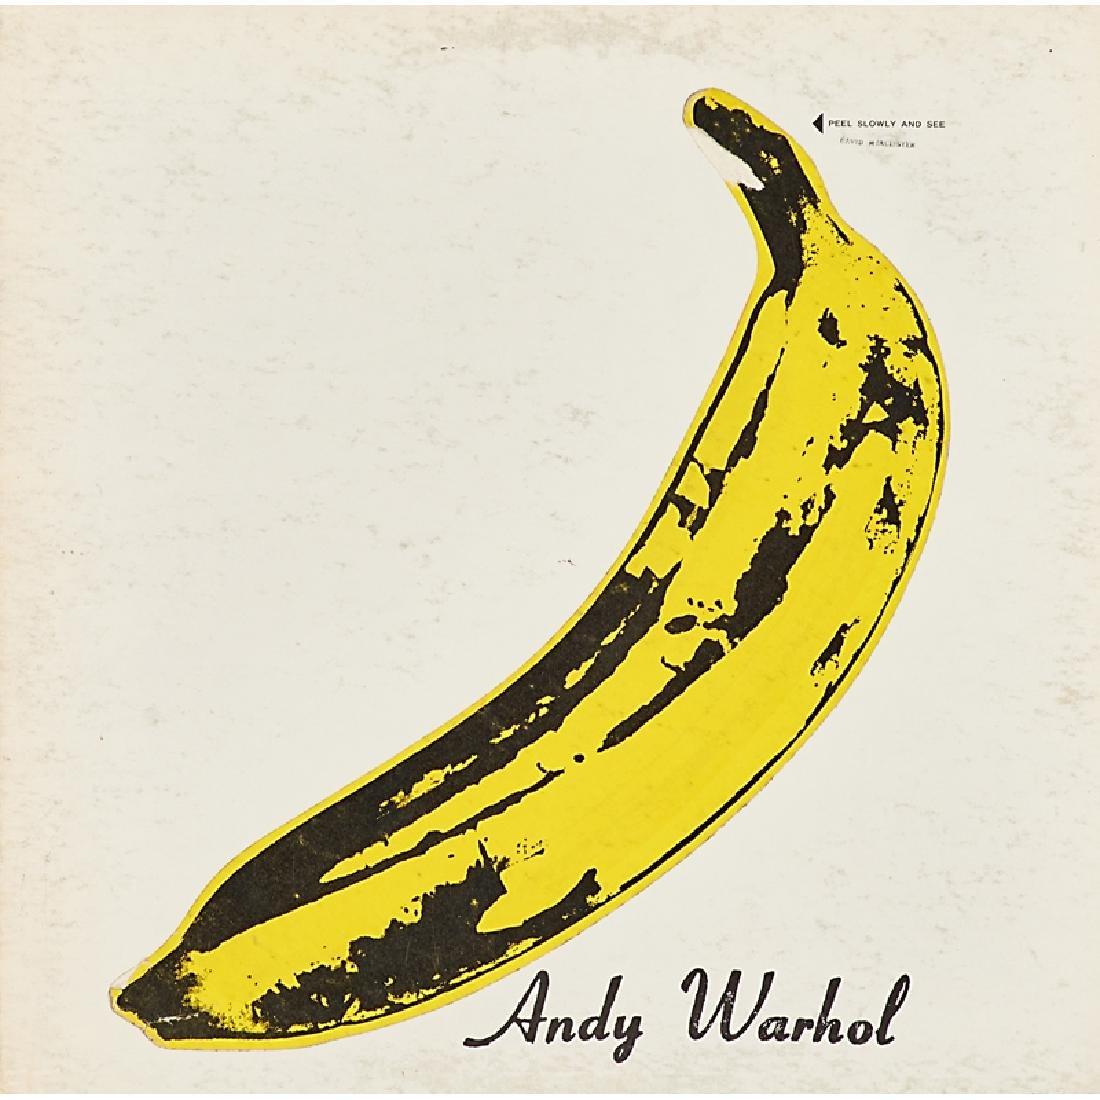 THE VELVET UNDERGROUND LP